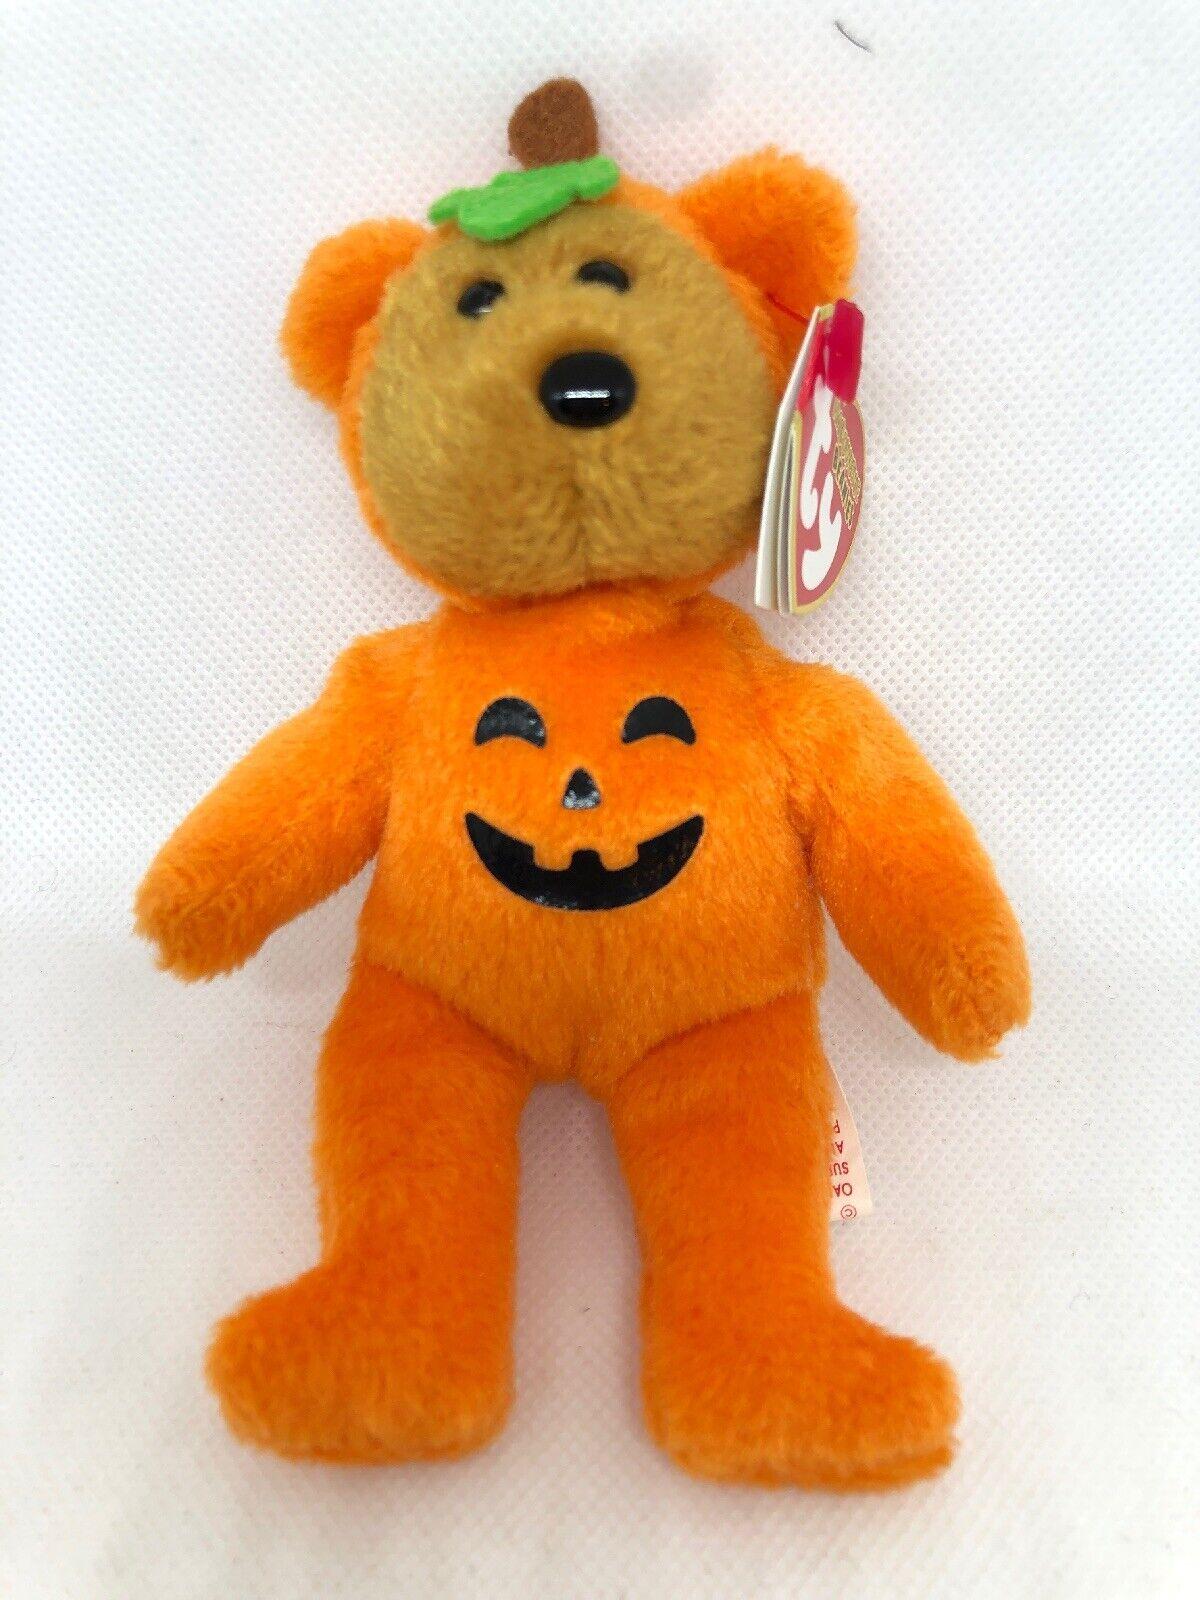 5 Inch MWMT Ty Halloweenie Beanie Baby ~ TREATSIES the Bear